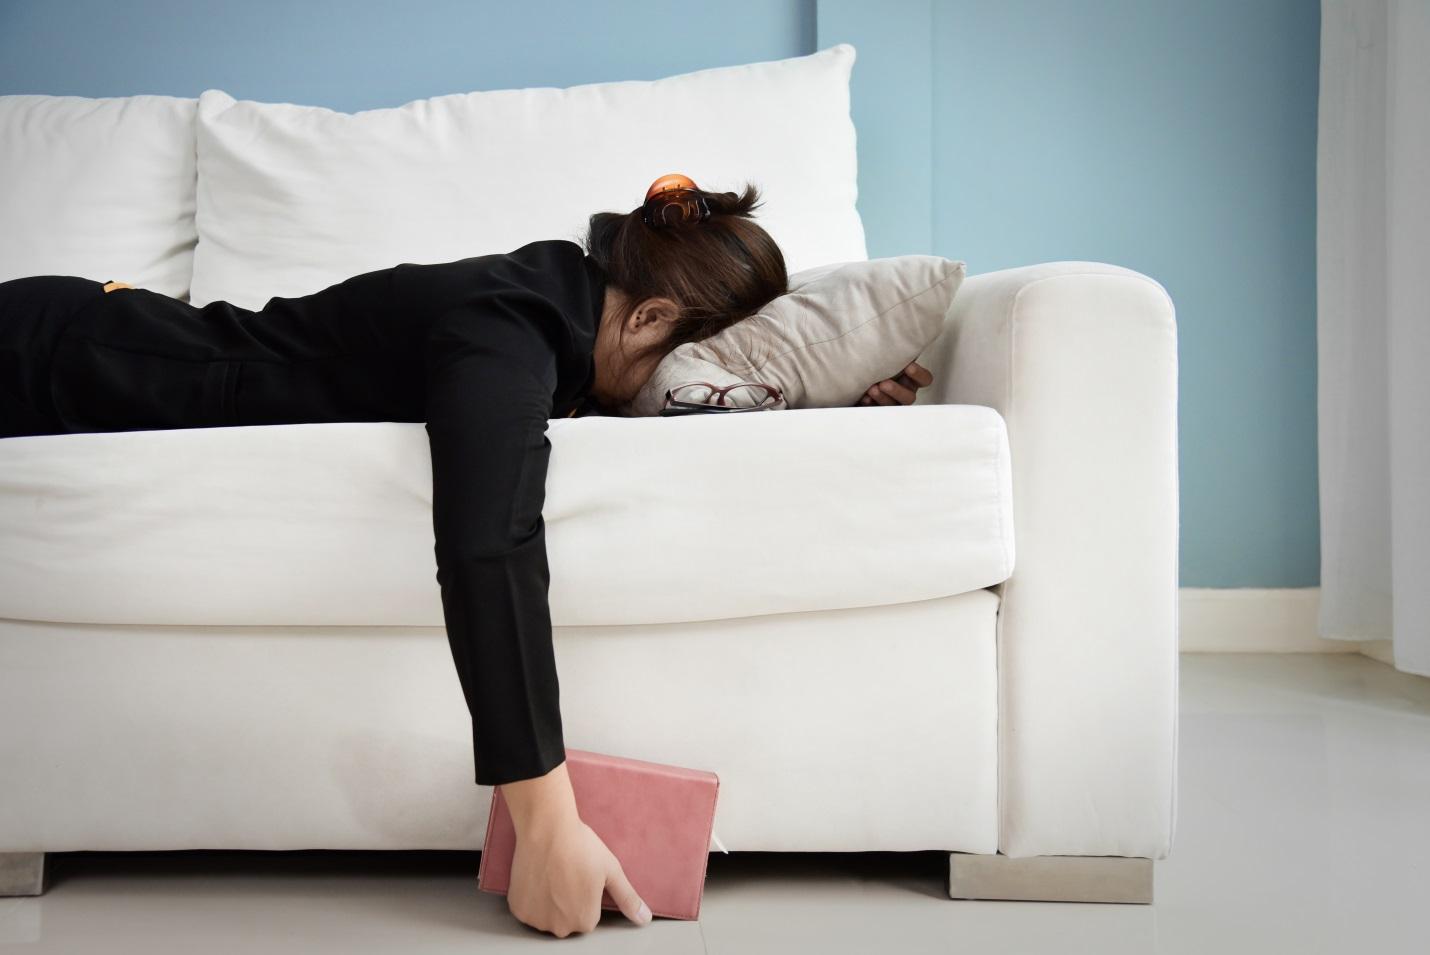 Mengatasi Sakit Punggung Sebelah Kiri Atas Akibat Salah Posisi Tidur dan Aktivitas Berat